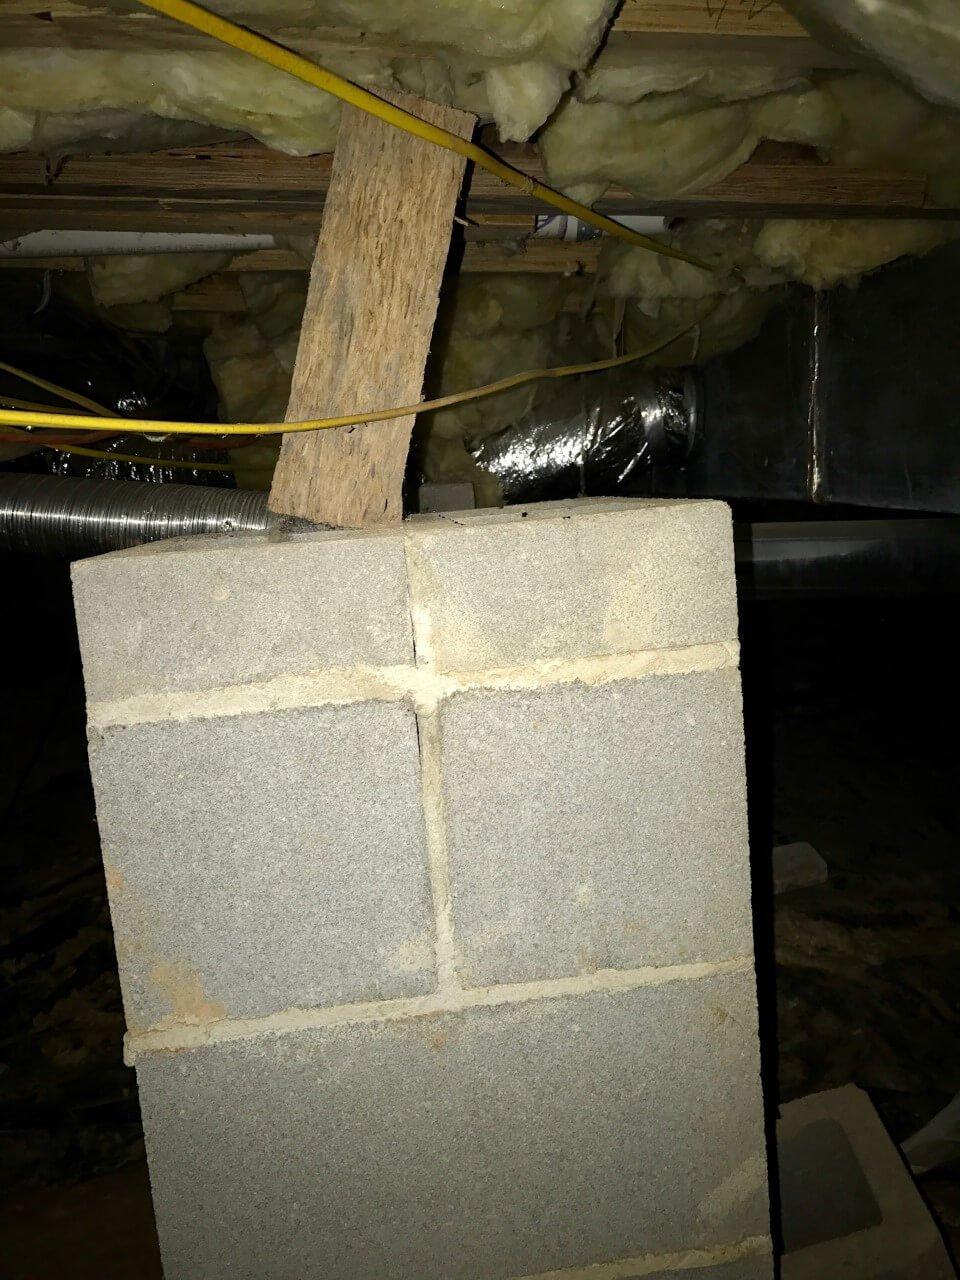 Improper Floor Support